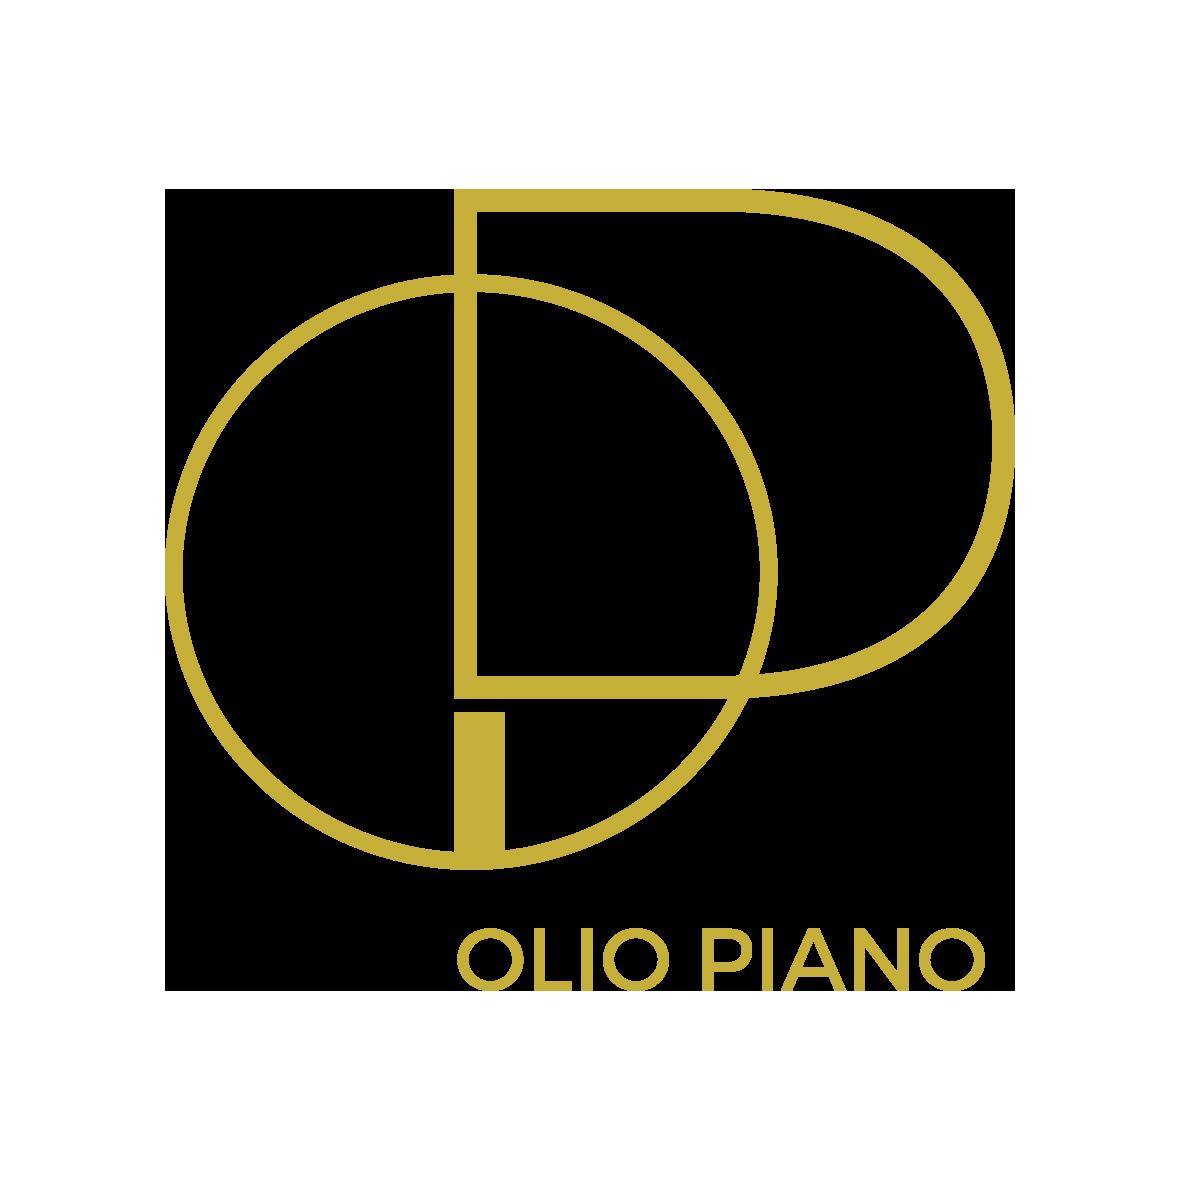 OLIO PIANO